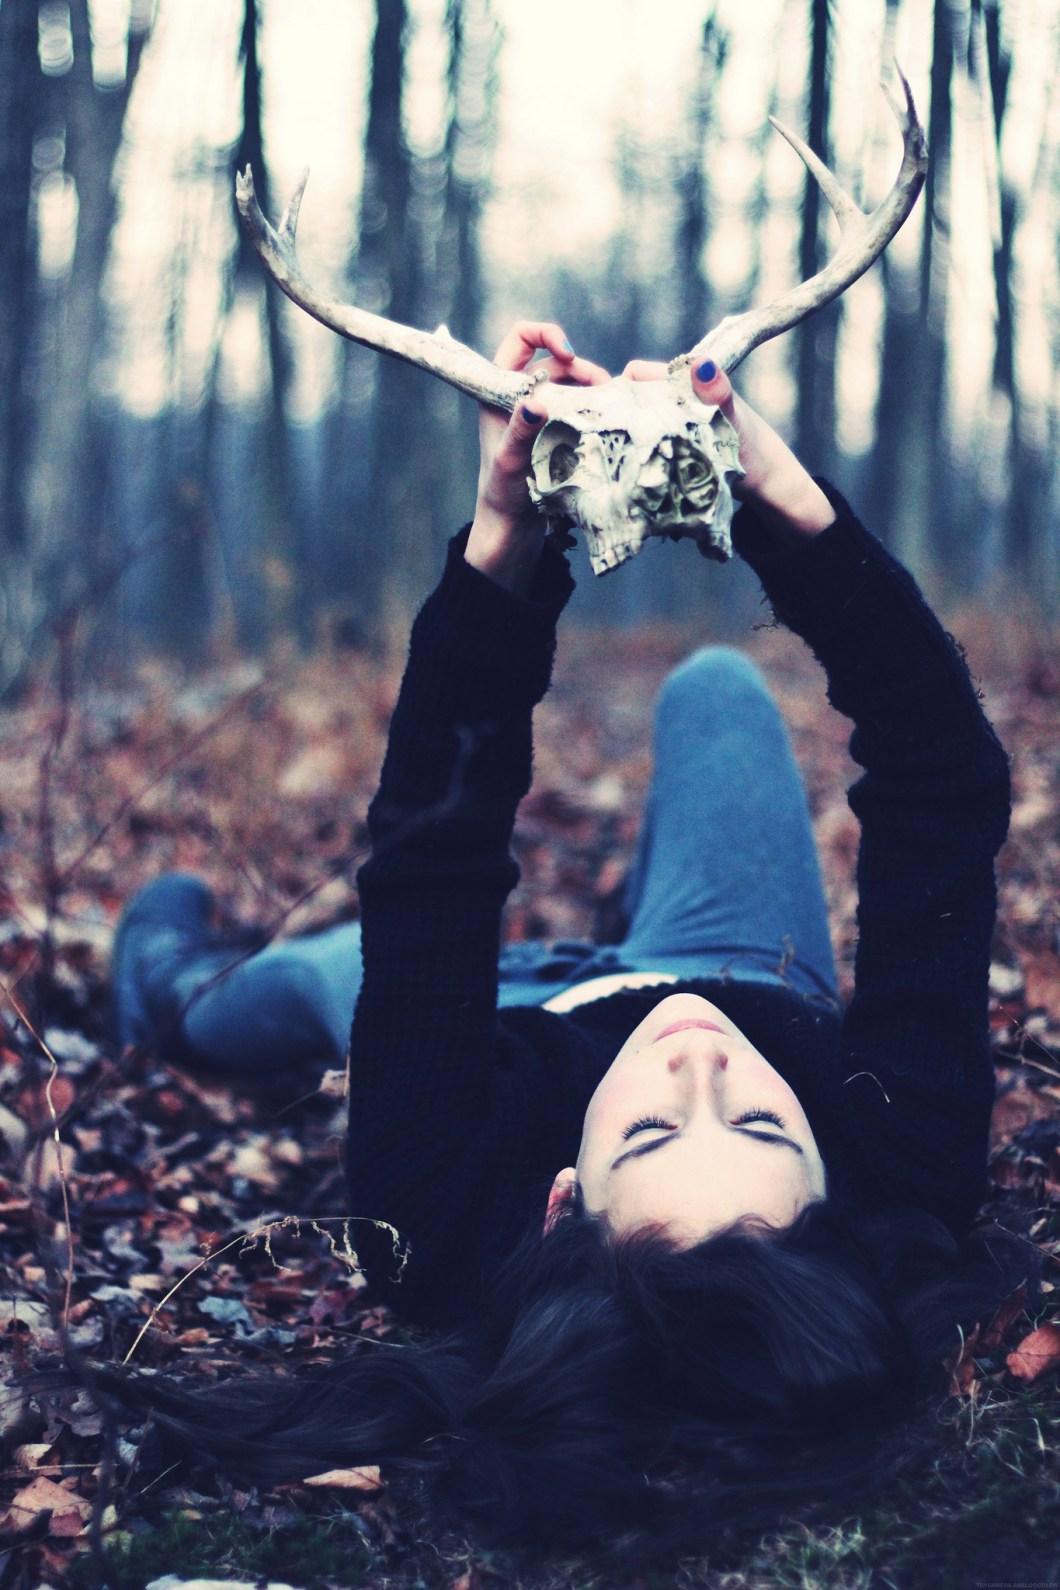 Imagen gratis de una chica tumbada en el bosque